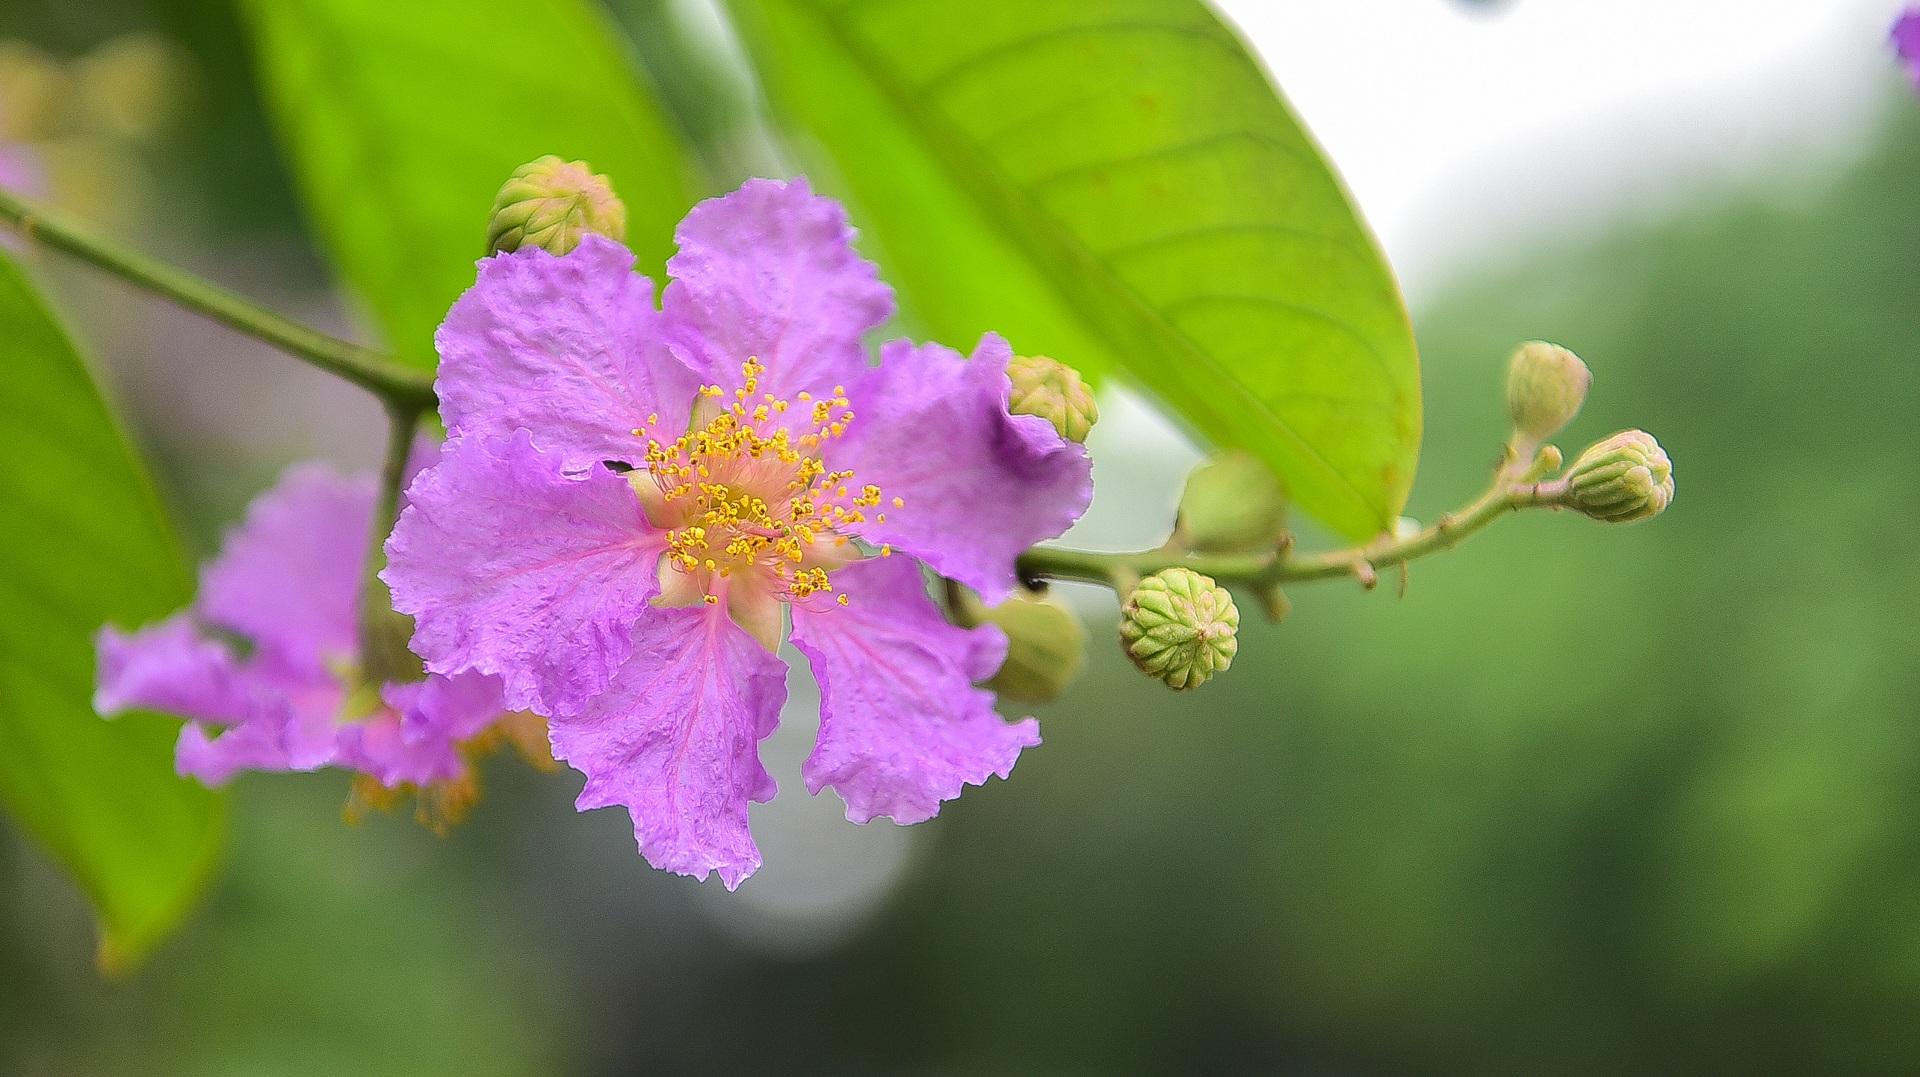 Hoa bằng lăng mộng mơ nhuộm tím đường phố Hà Nội - 15